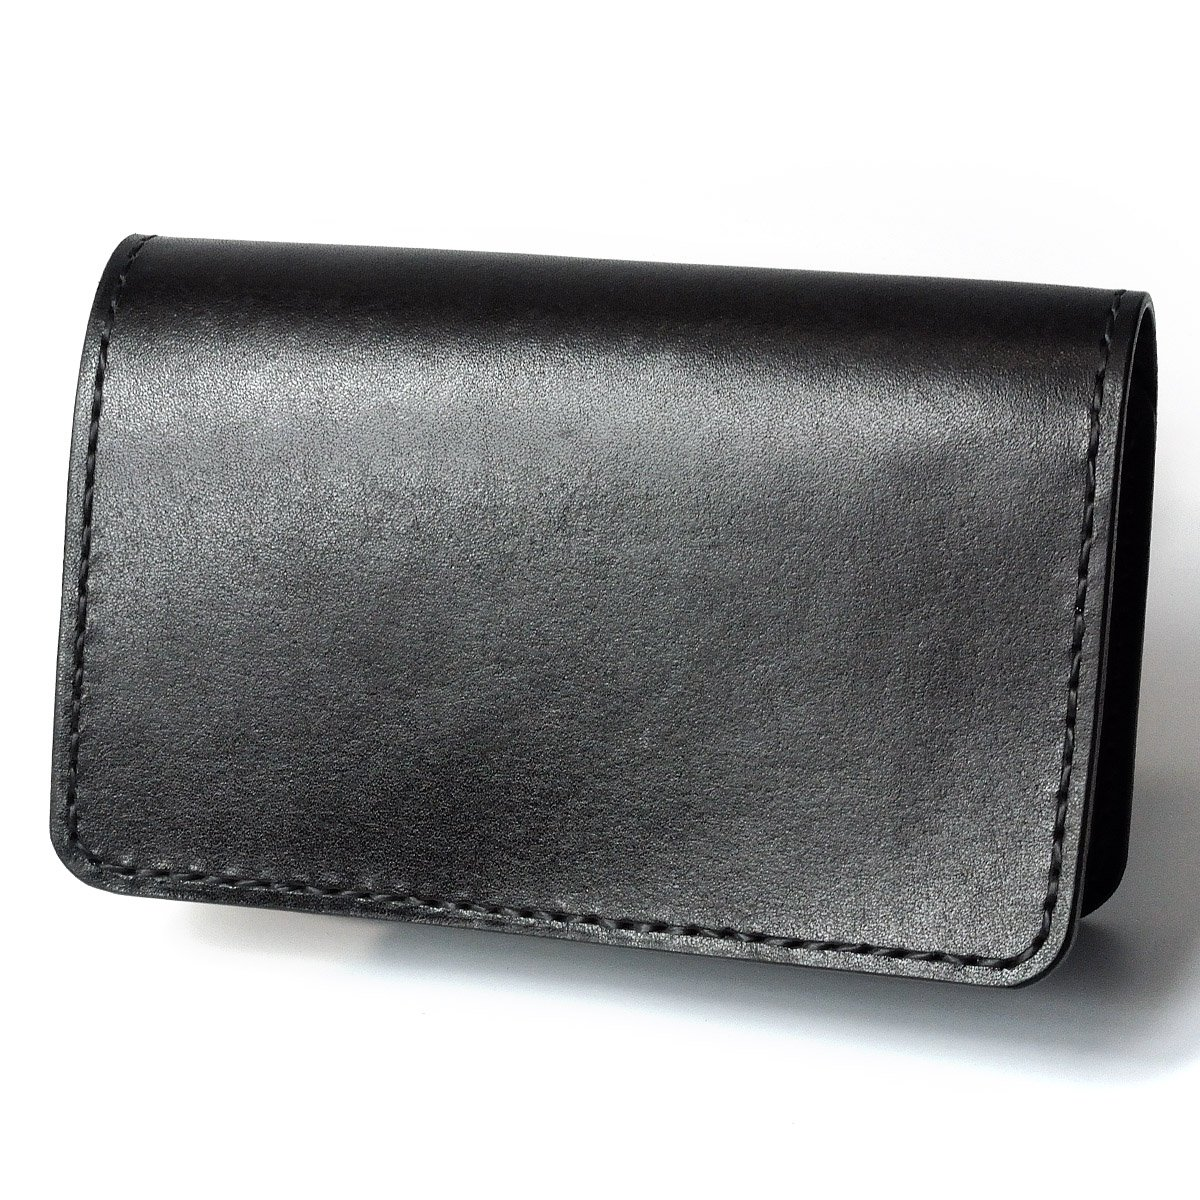 ミドルウォレット B-10 革財布 フラップレス サドルベーシック サドルレザー ブラック ナチュラル ブラウン ハンドメイド B0154N4SE6 ドロップハンドル(シルバー色) ブラック/コインケース:A ブラック/コインケース:A ドロップハンドル(シルバー色)